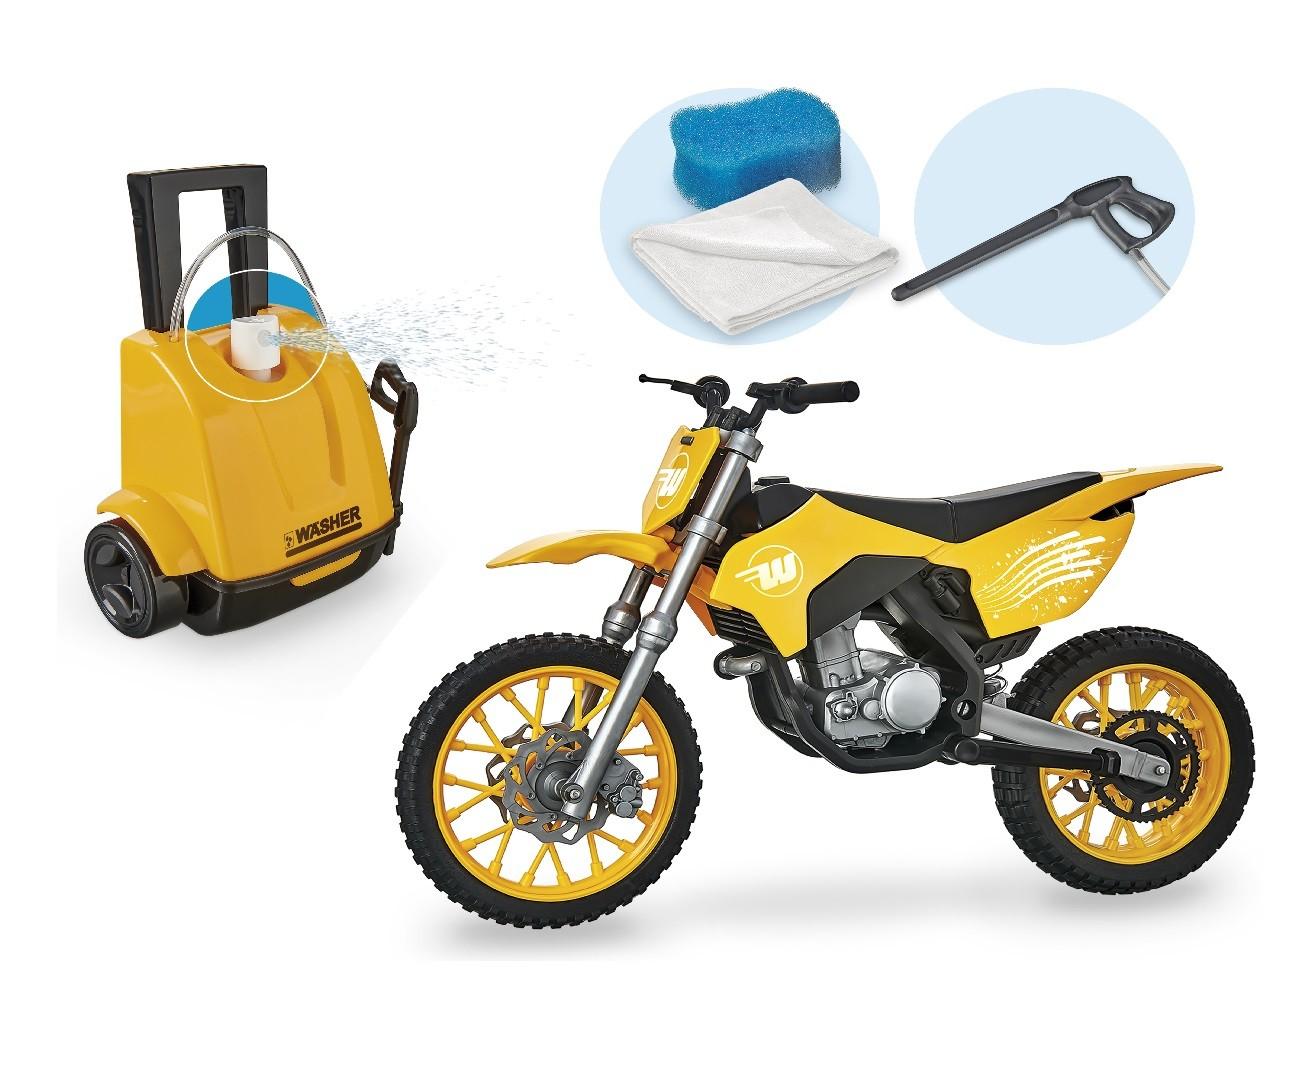 MOTO CROSS WASH GARAGE VERDE 452 USUAL BRINQUEDOS